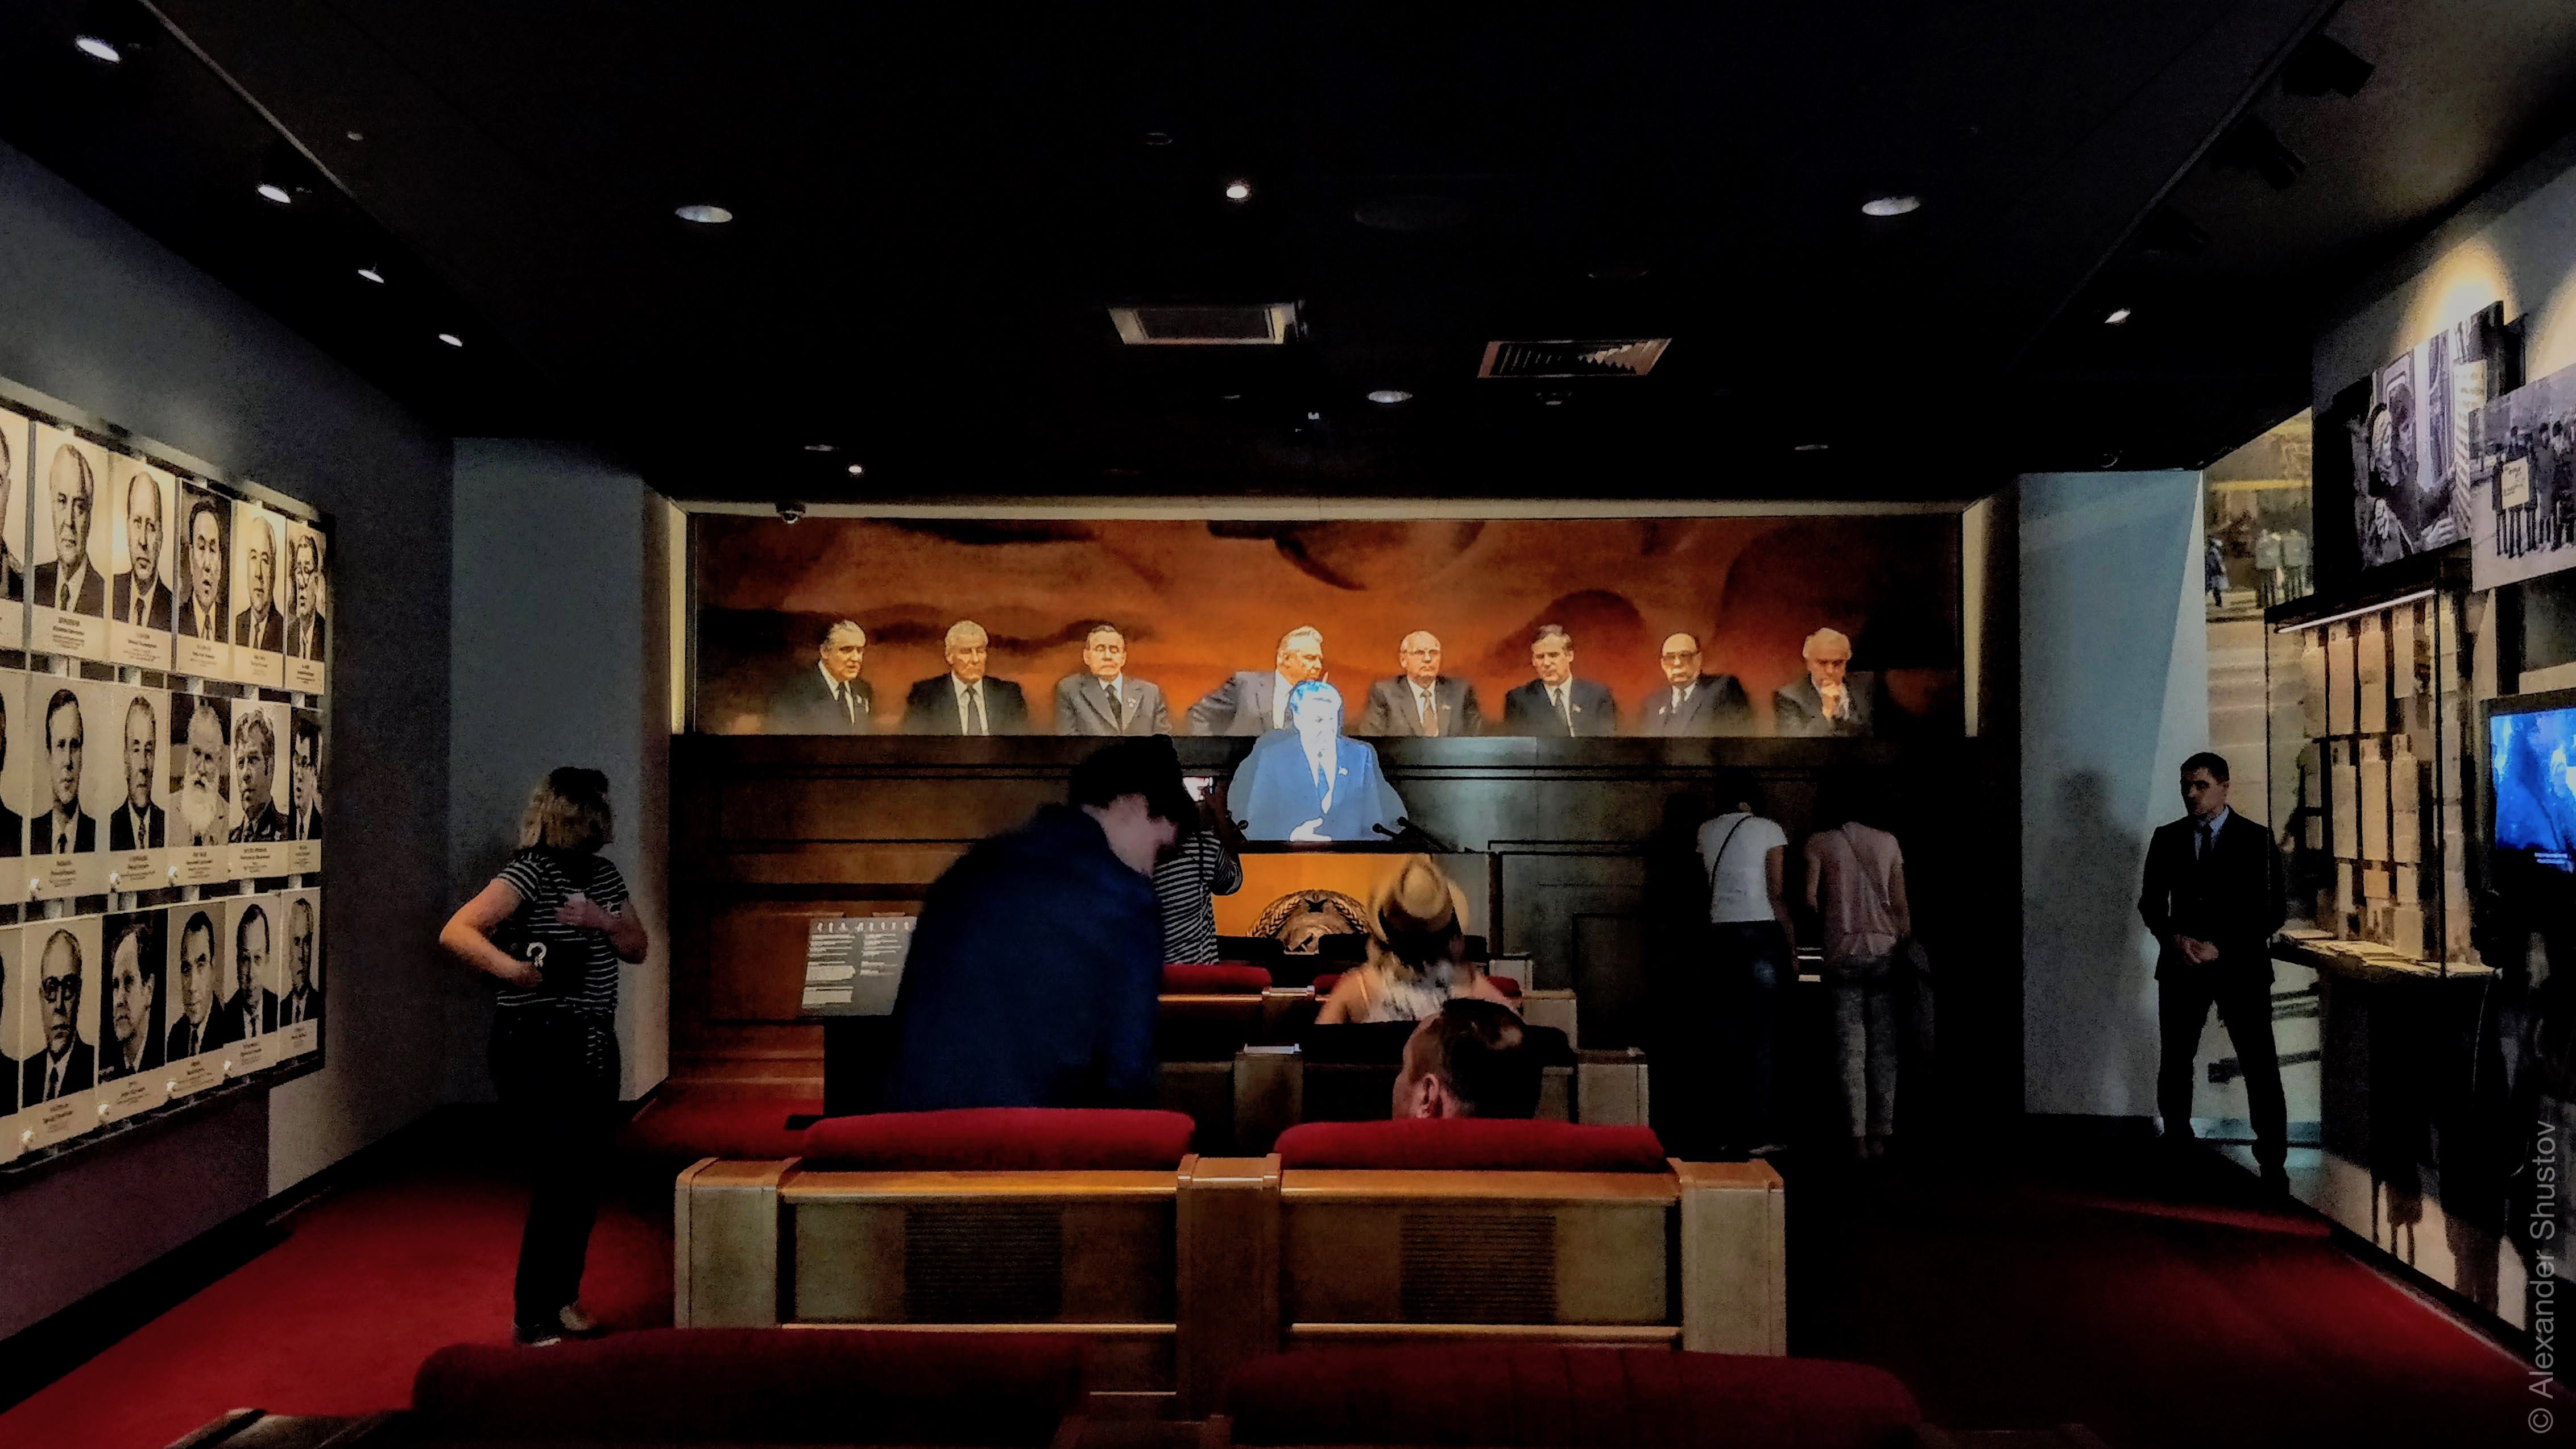 Выступление Б. Ельцина на октябрьском Пленуме ЦК КПСС 1987 г.